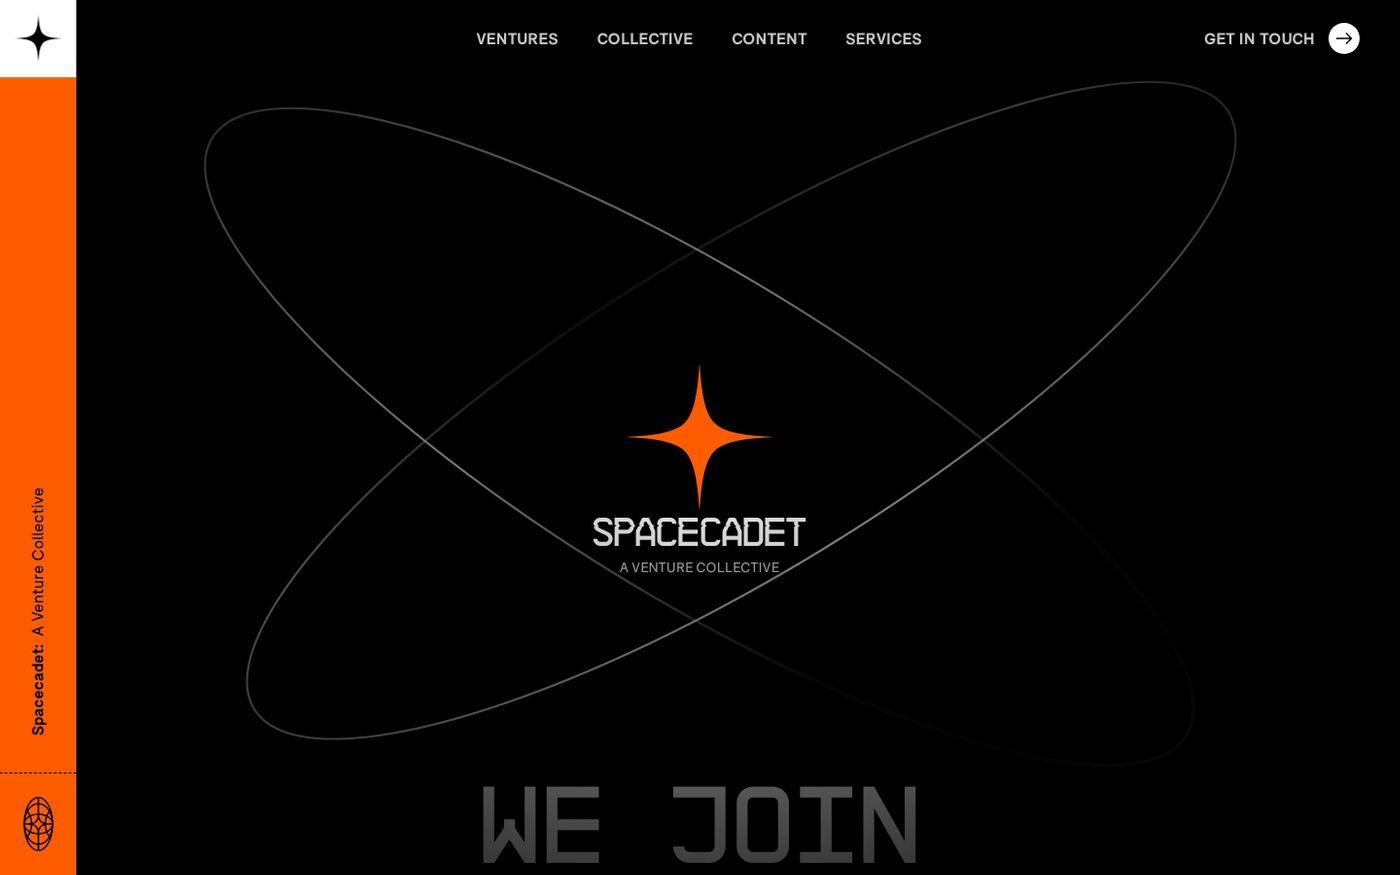 Screenshot of Spacecadet website